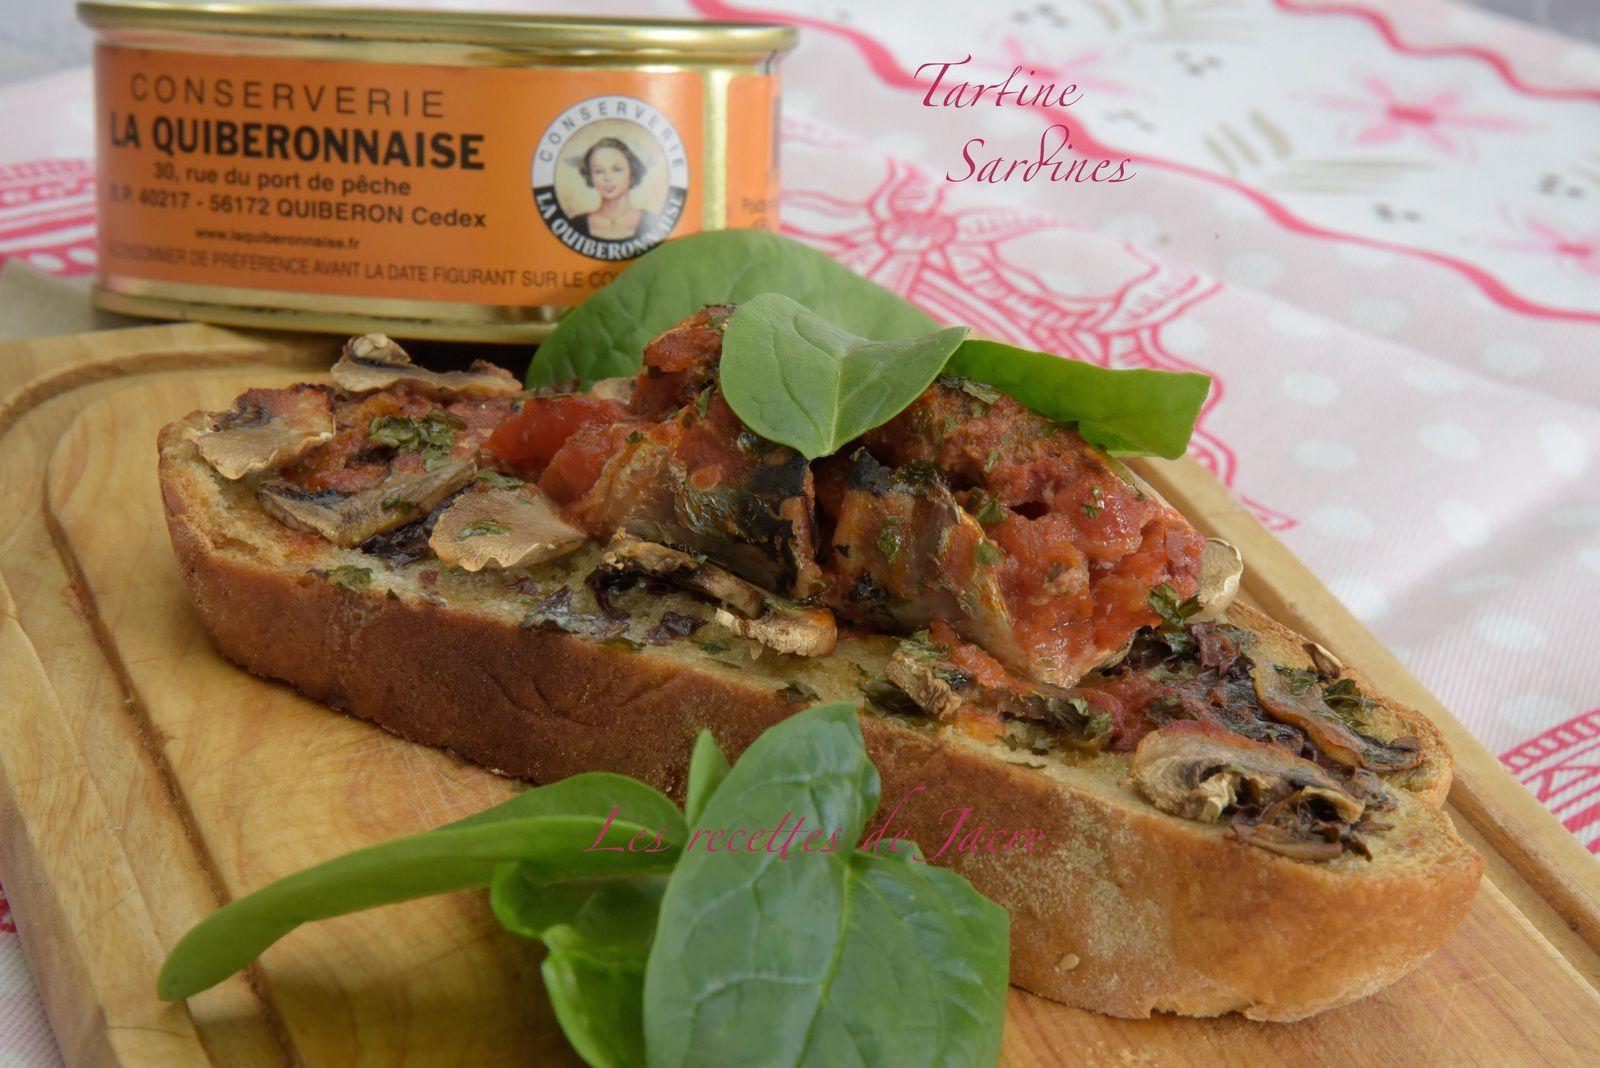 Tartine sardine roul e et beurre d 39 algues les recettes de jacre en toute simplicit - Sardines au four sans odeur ...